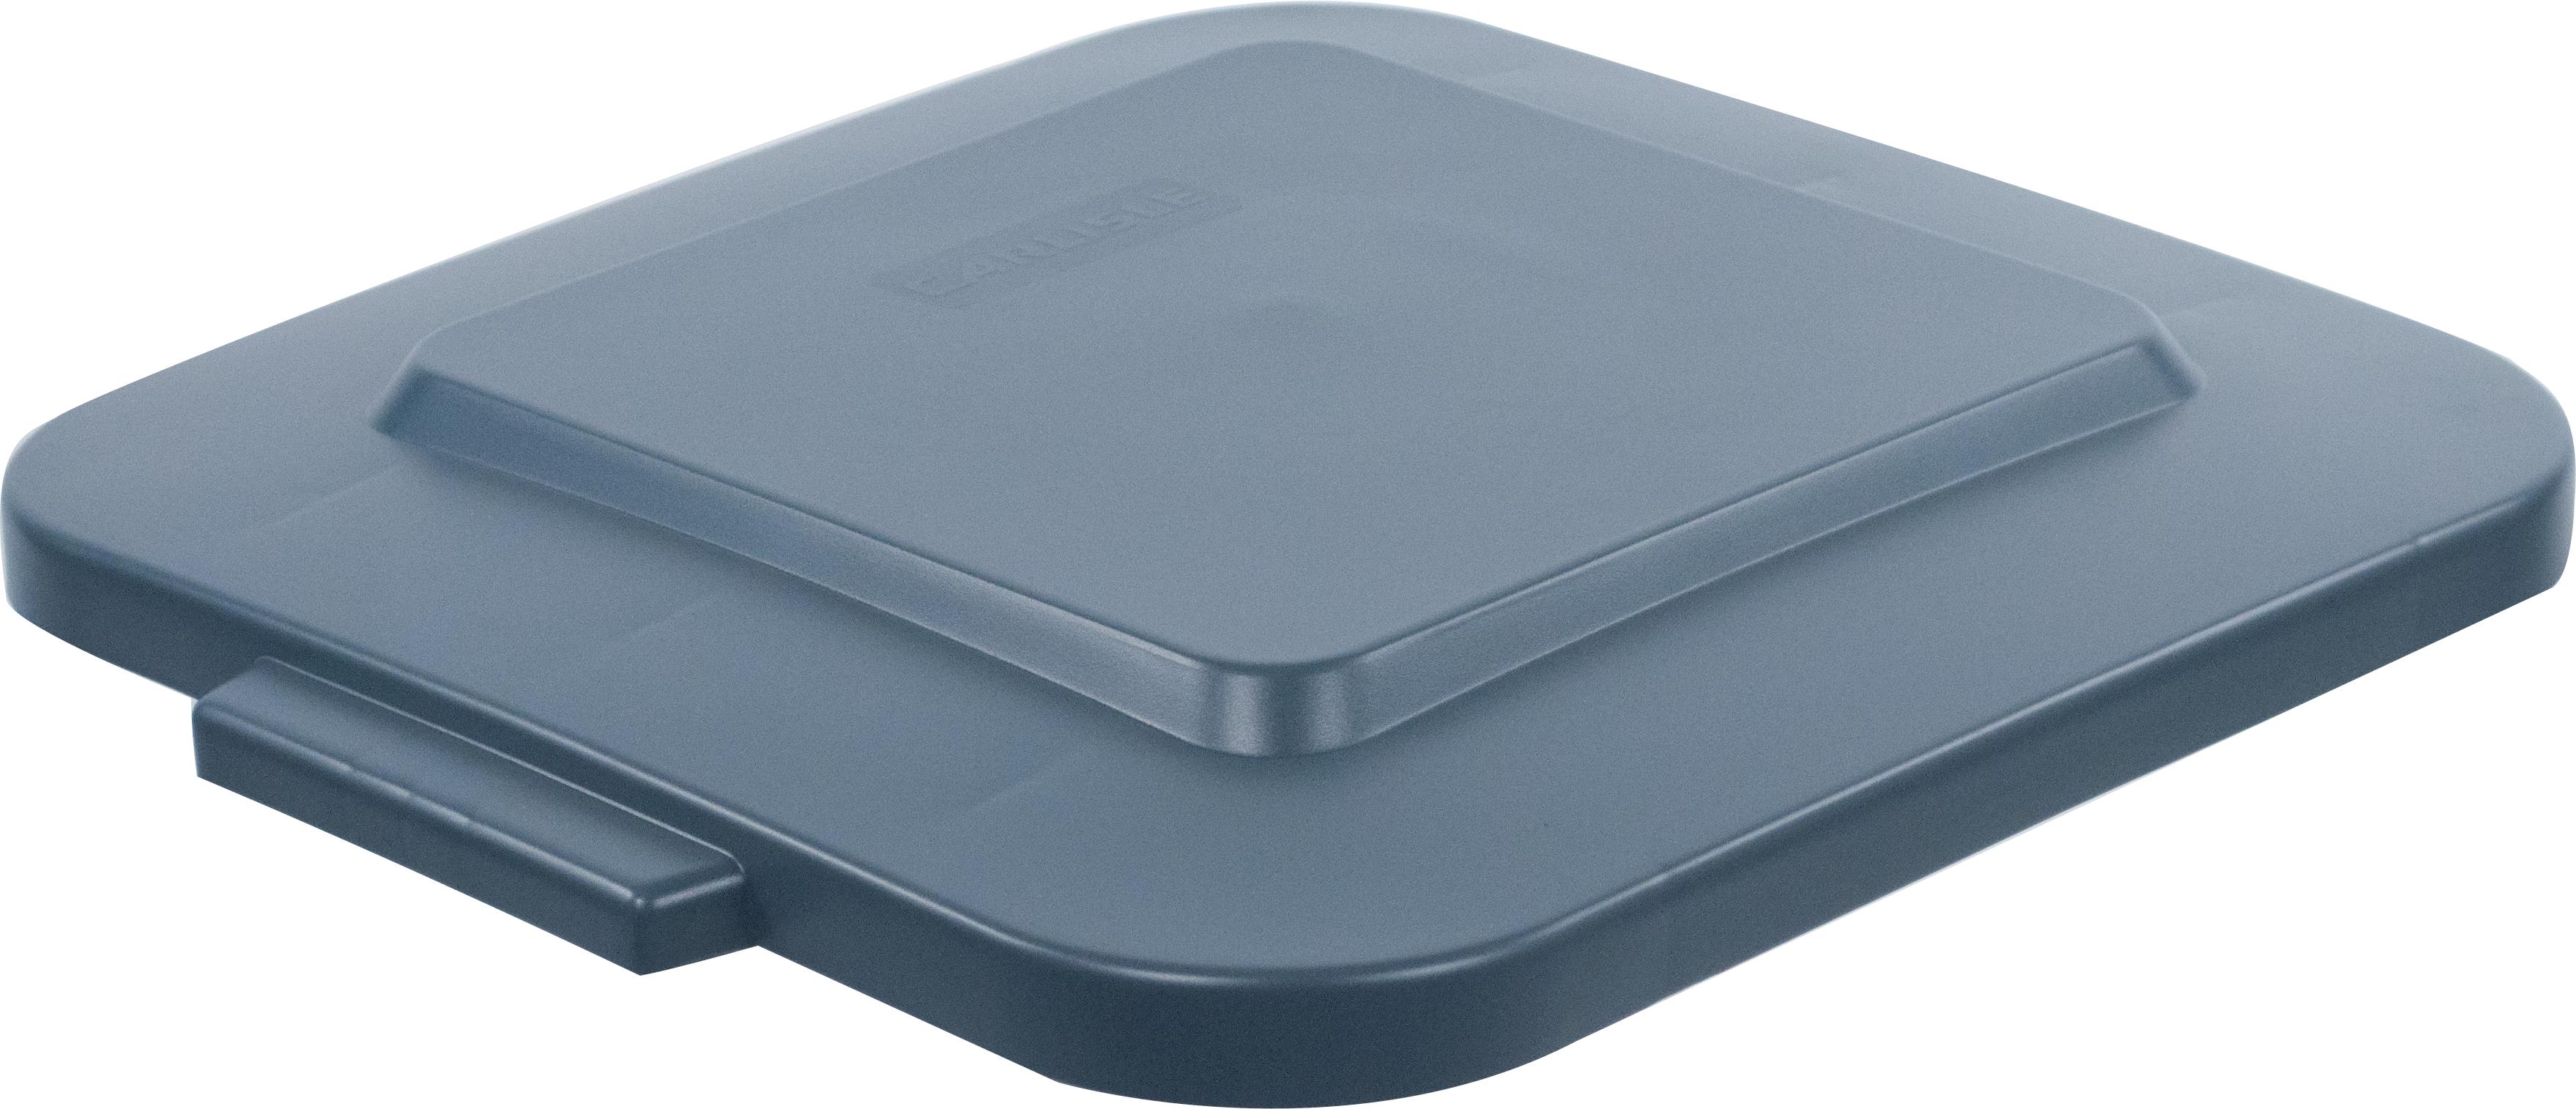 Bronco Square Waste Bin Trash Container Lid 40 Gallon - Gray